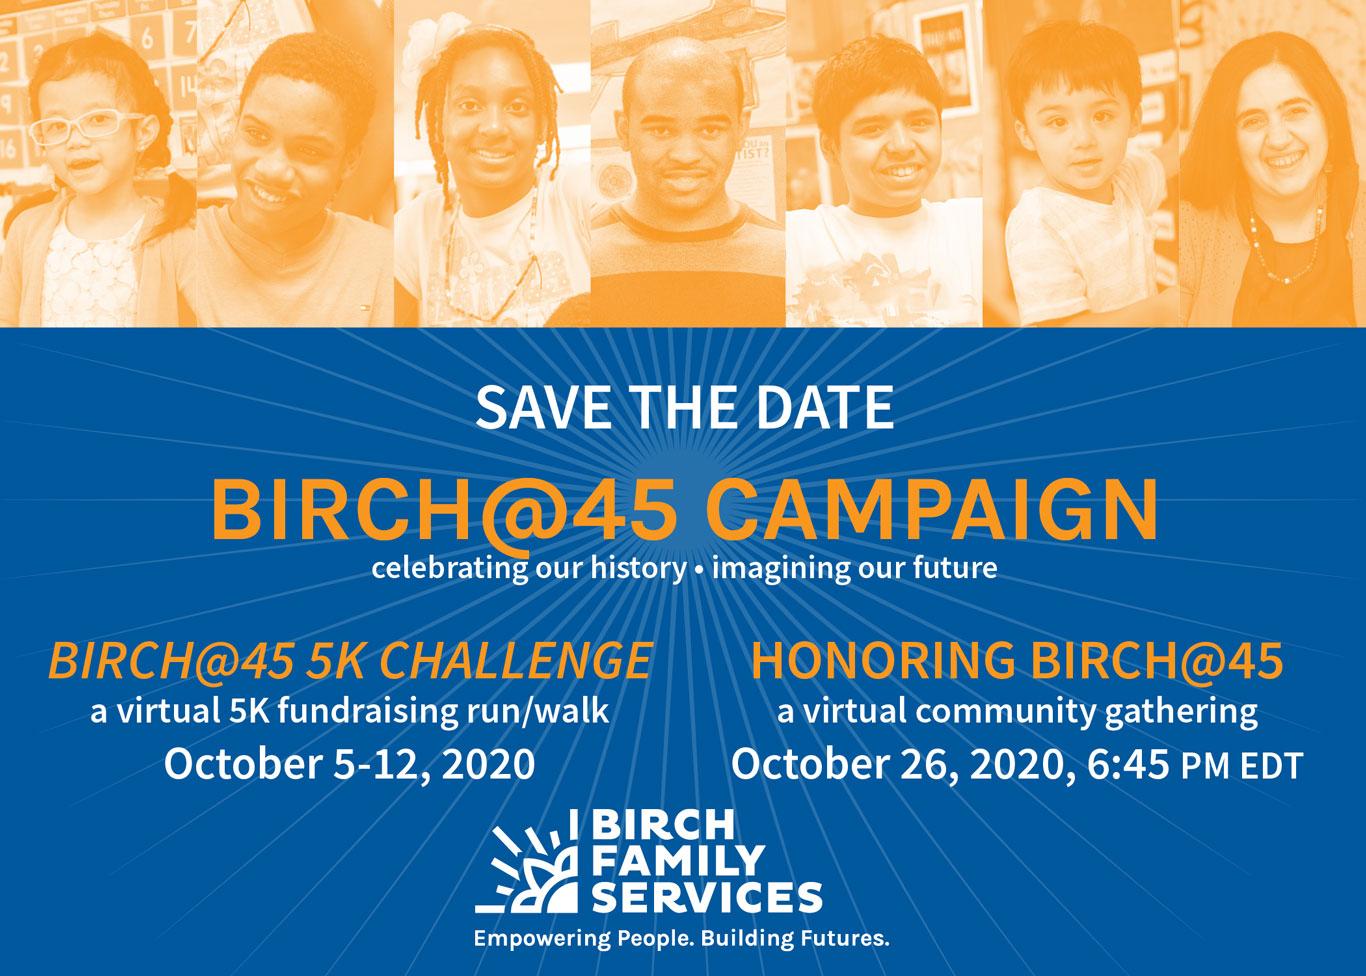 Birch@45 Campaign